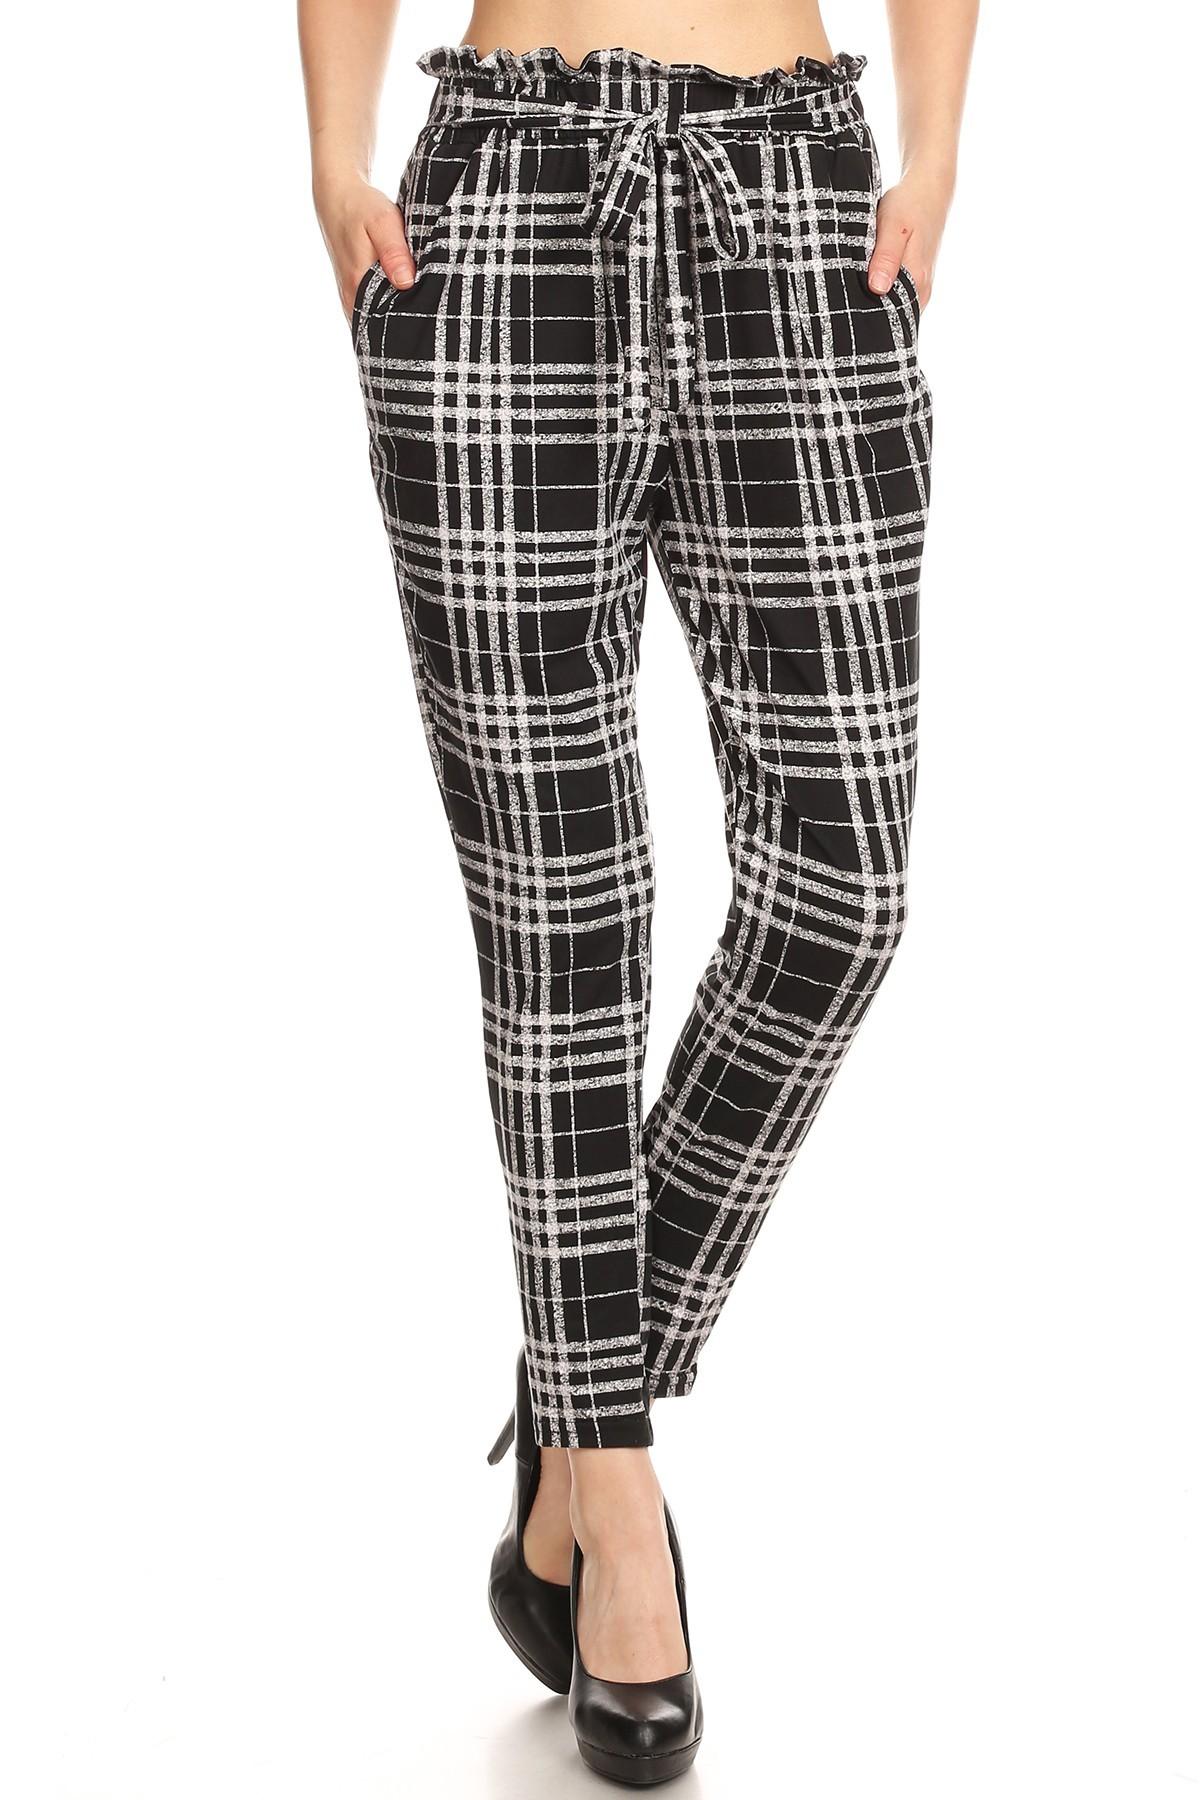 BLACK/GREY PLAID PRINT PAPER BAG WAIST PANTS #8PNT03-01